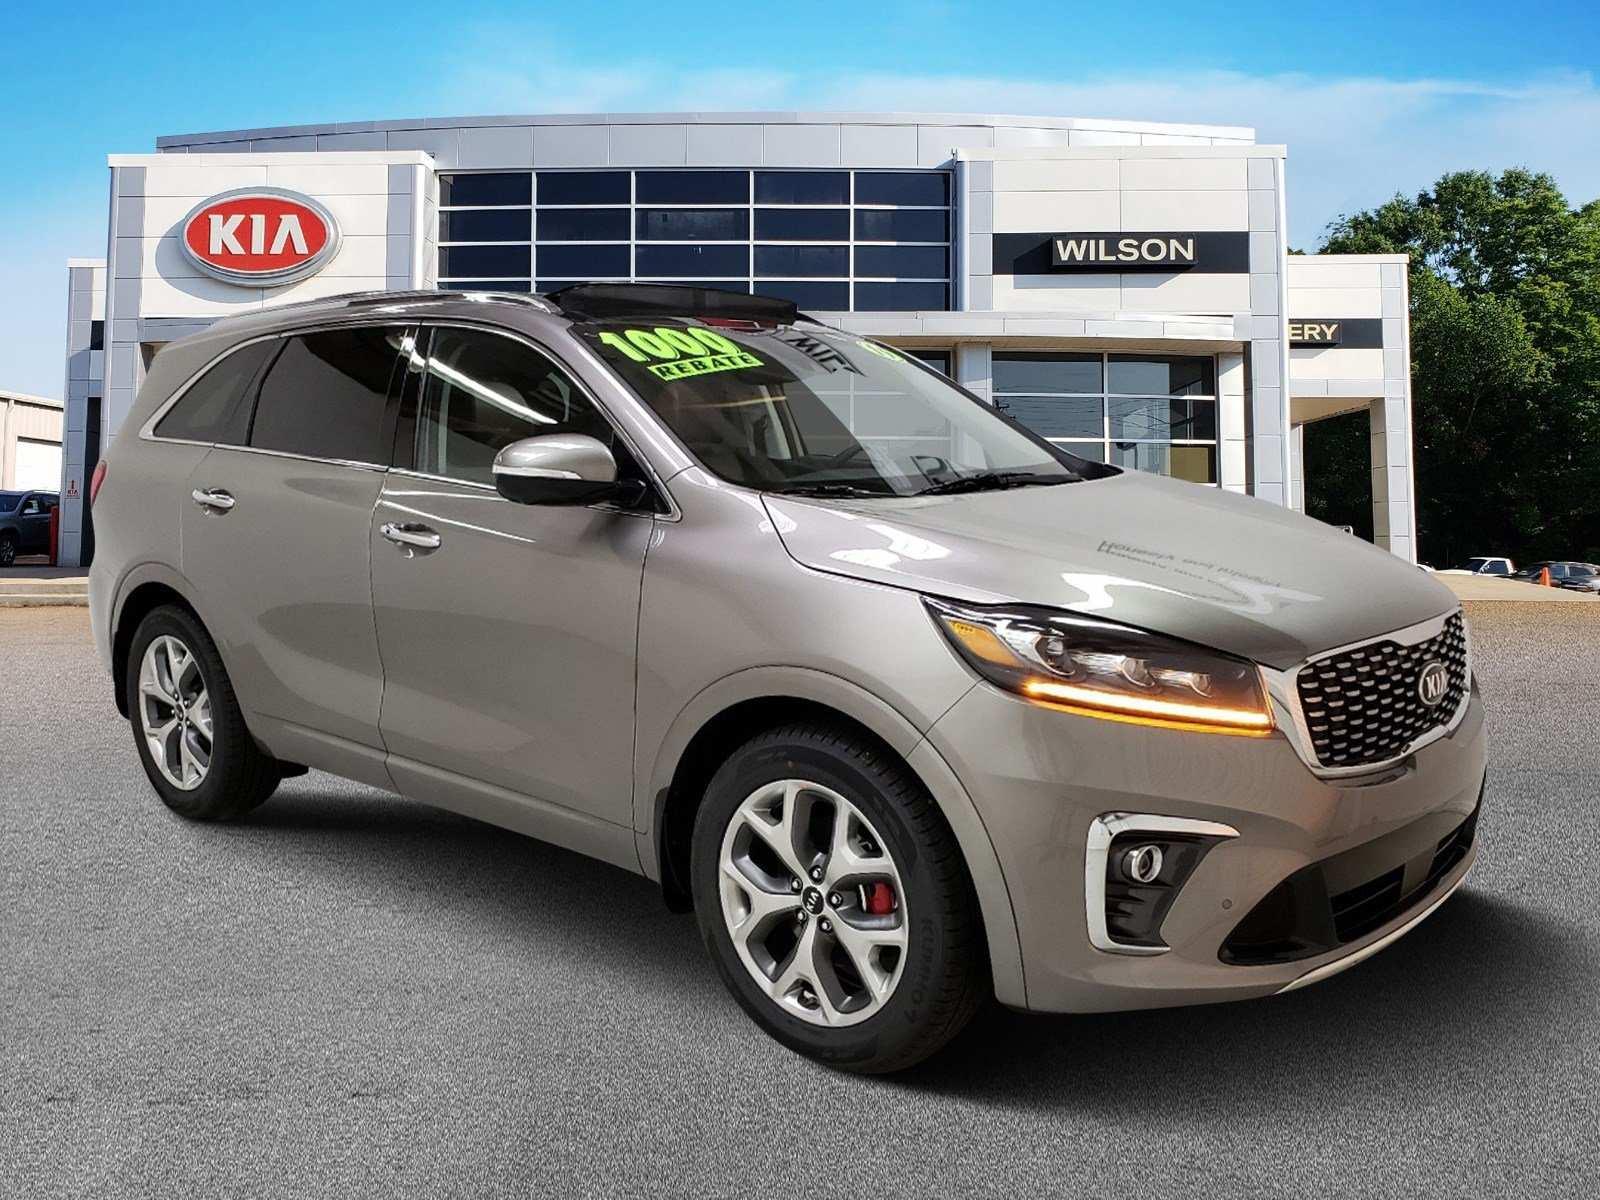 19 Gallery of New 2019 Kia Prices with New 2019 Kia